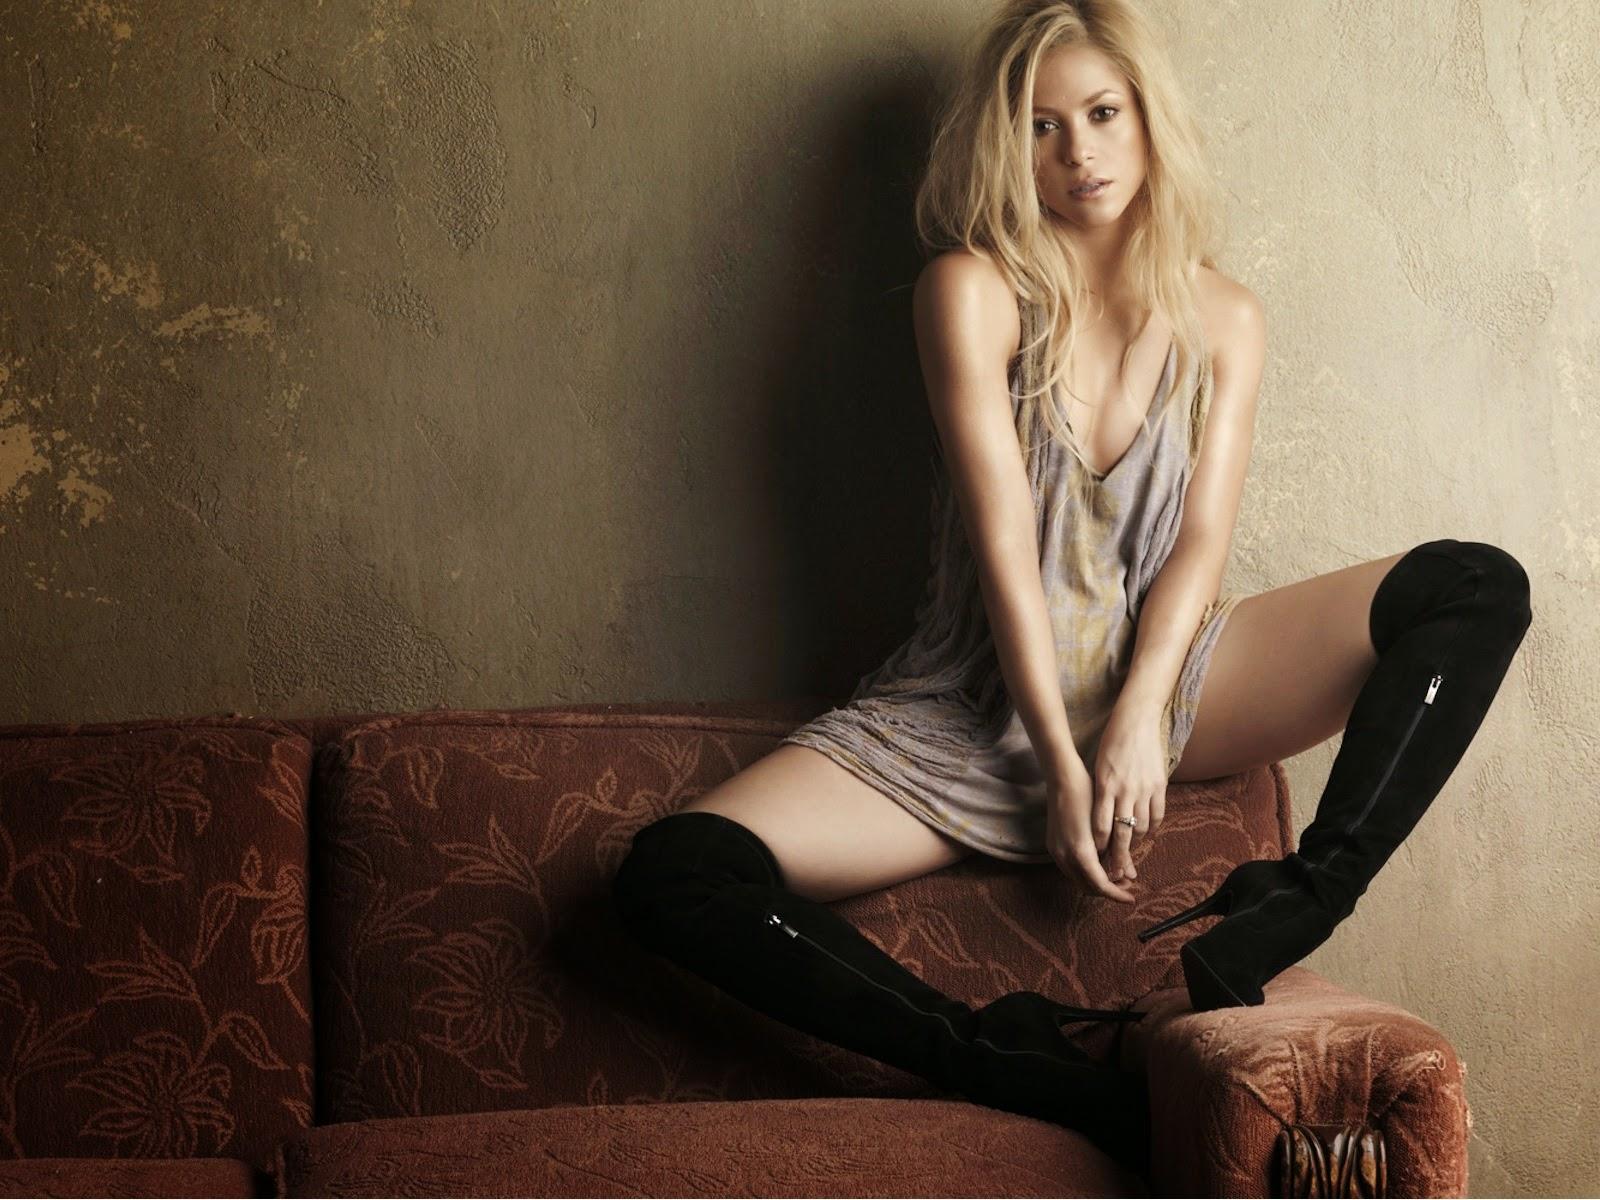 """<img src=""""http://1.bp.blogspot.com/-aD0hq6xRr0k/U8WE6RWUB9I/AAAAAAAALz0/4c2OHXyyylU/s1600/shakira-hd-wallpaper.jpeg"""" alt=""""Shakira HD Wallpaper"""" />"""